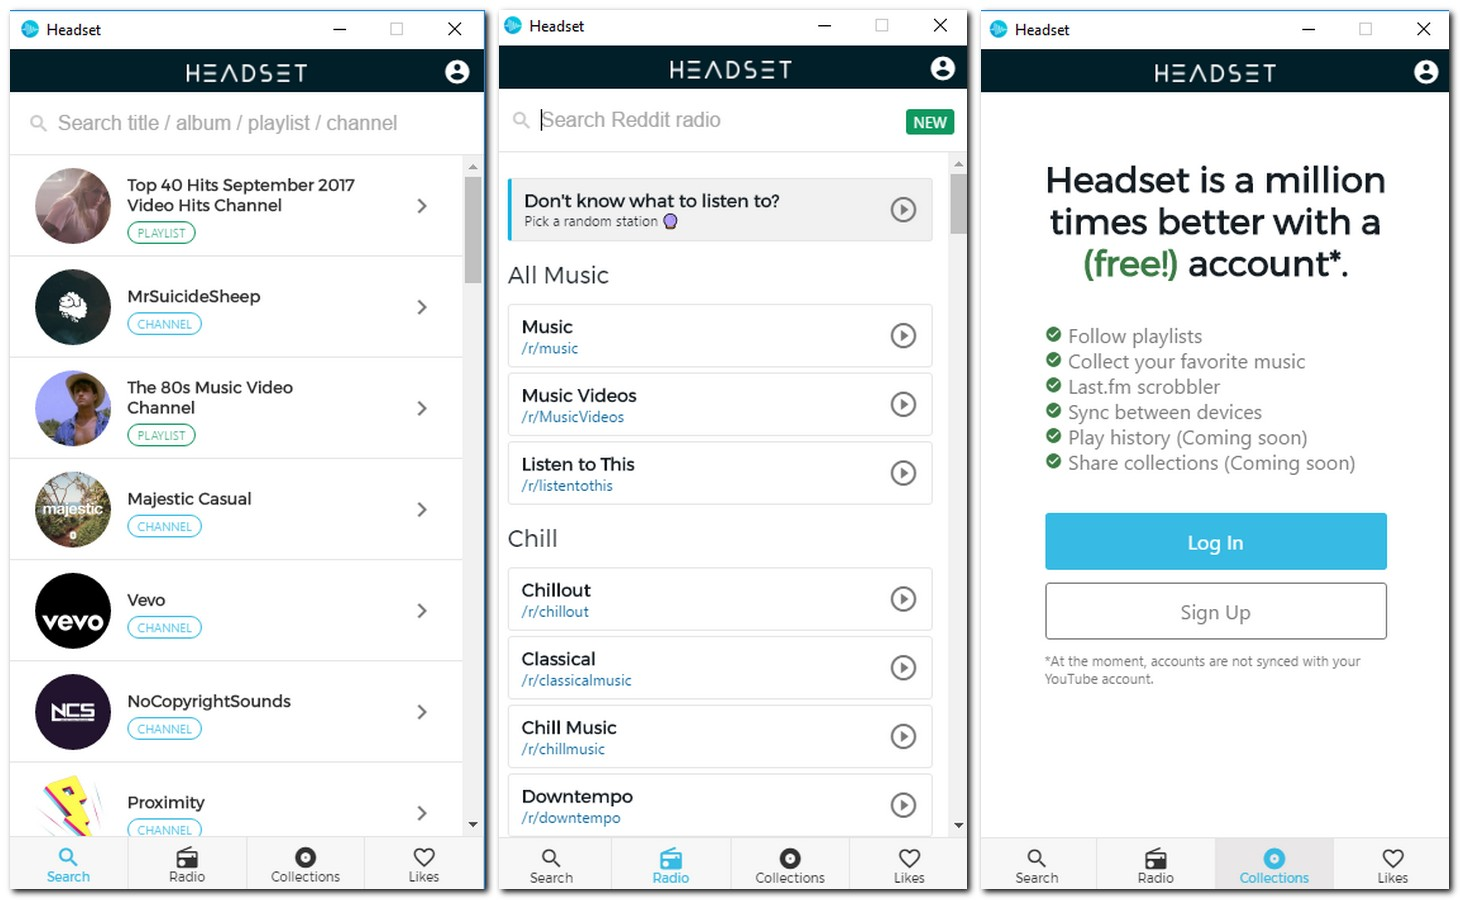 interfejs Headset na smartfonie